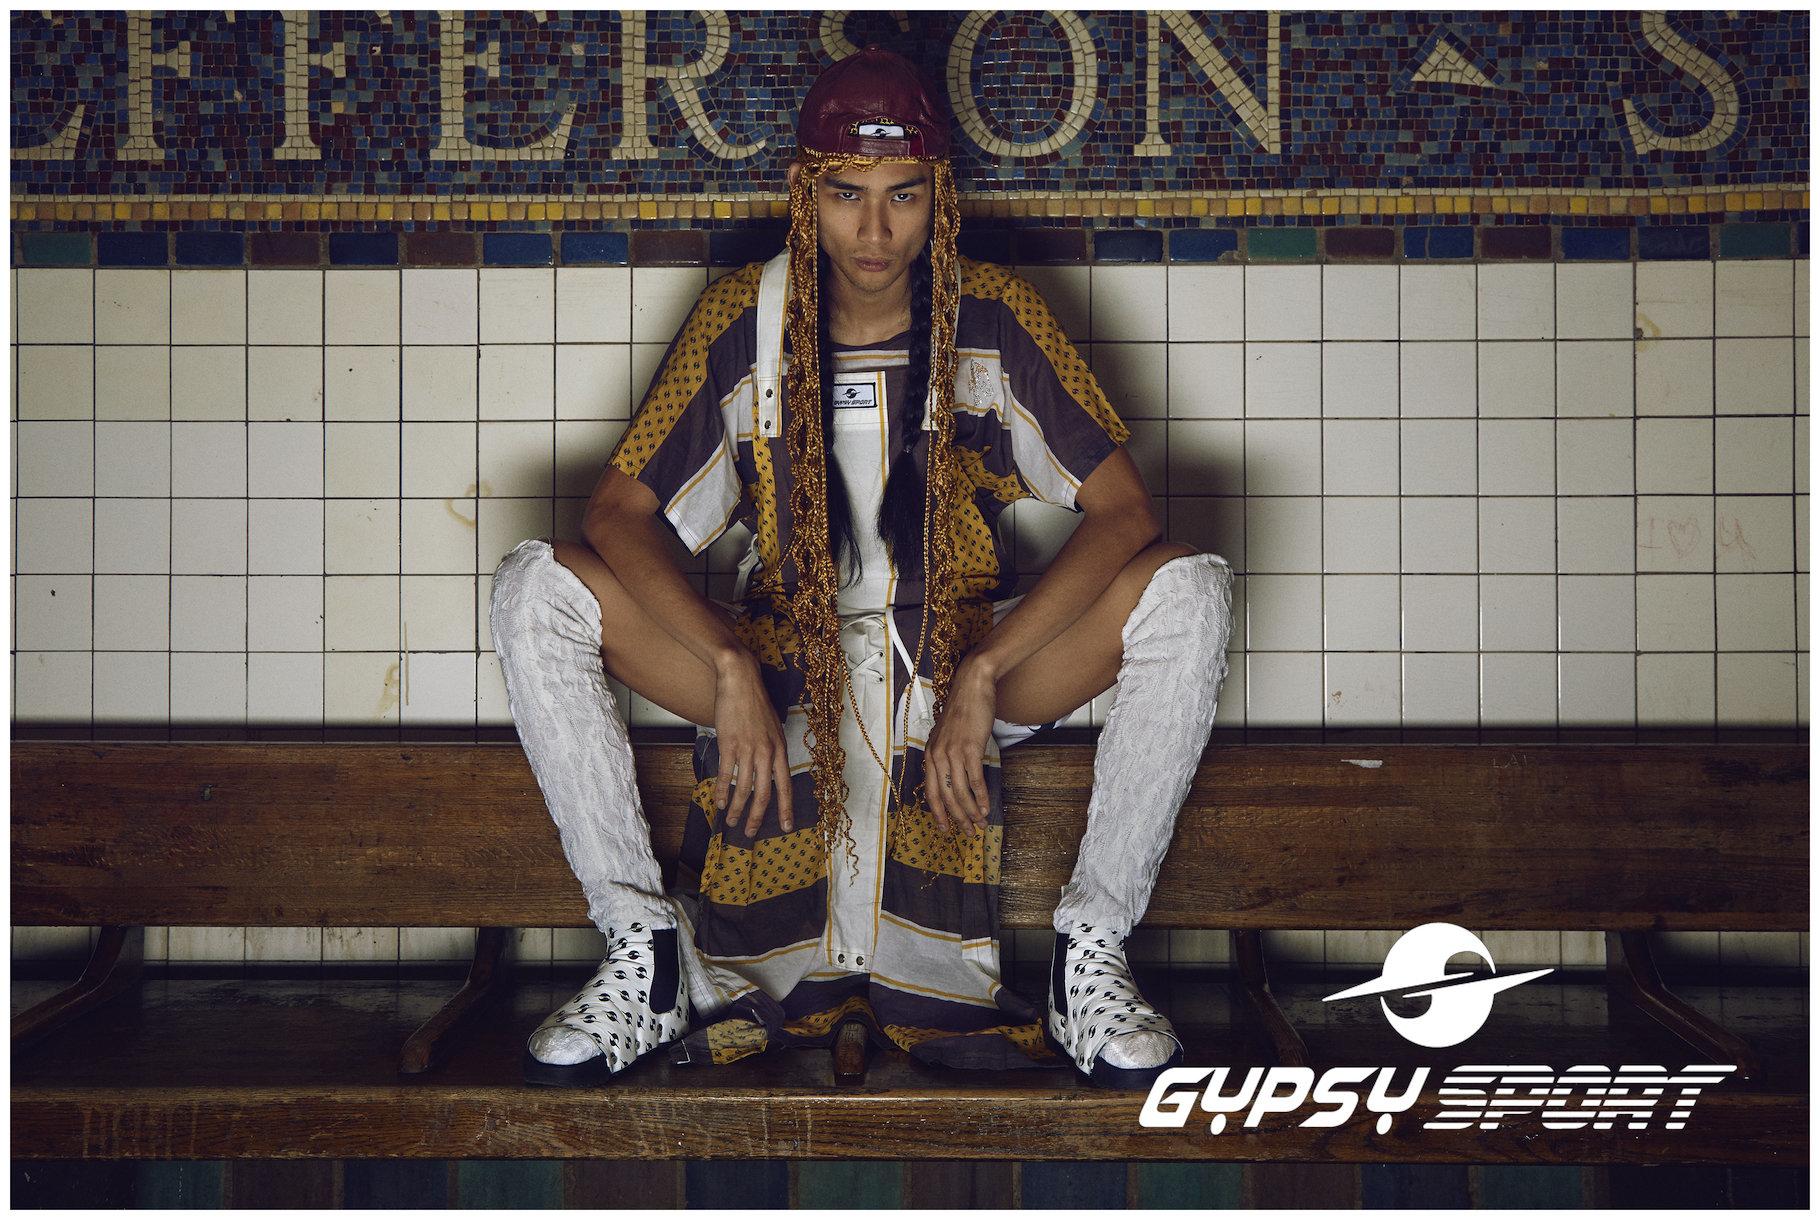 gypsy sport fashion